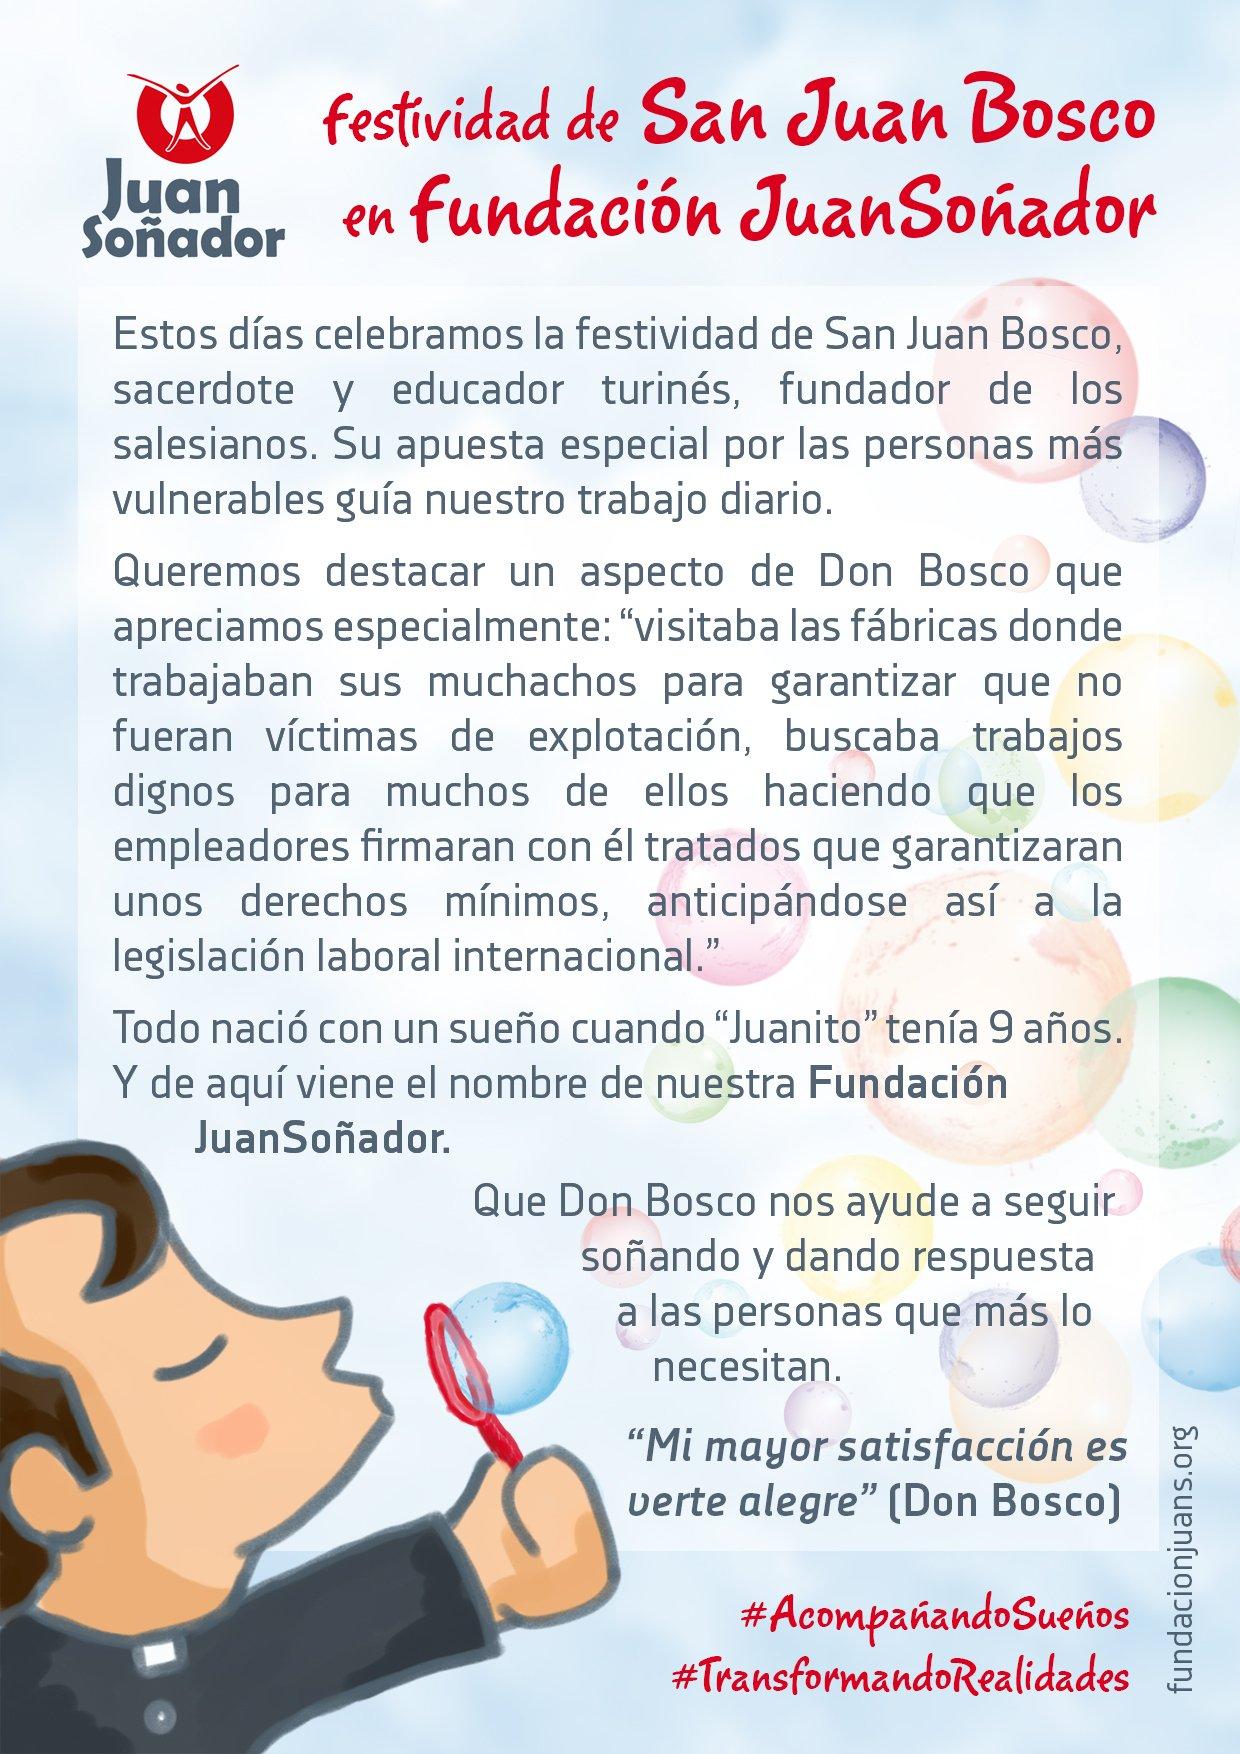 Fiesta De Don Bosco Juansoñador Es Una Iniciativa Social De La Familia Salesiana En Su Afán De Dar Respuestas Sociales Y Educativas A Colectivos Que Se Encuentran En Situación De Riesgo